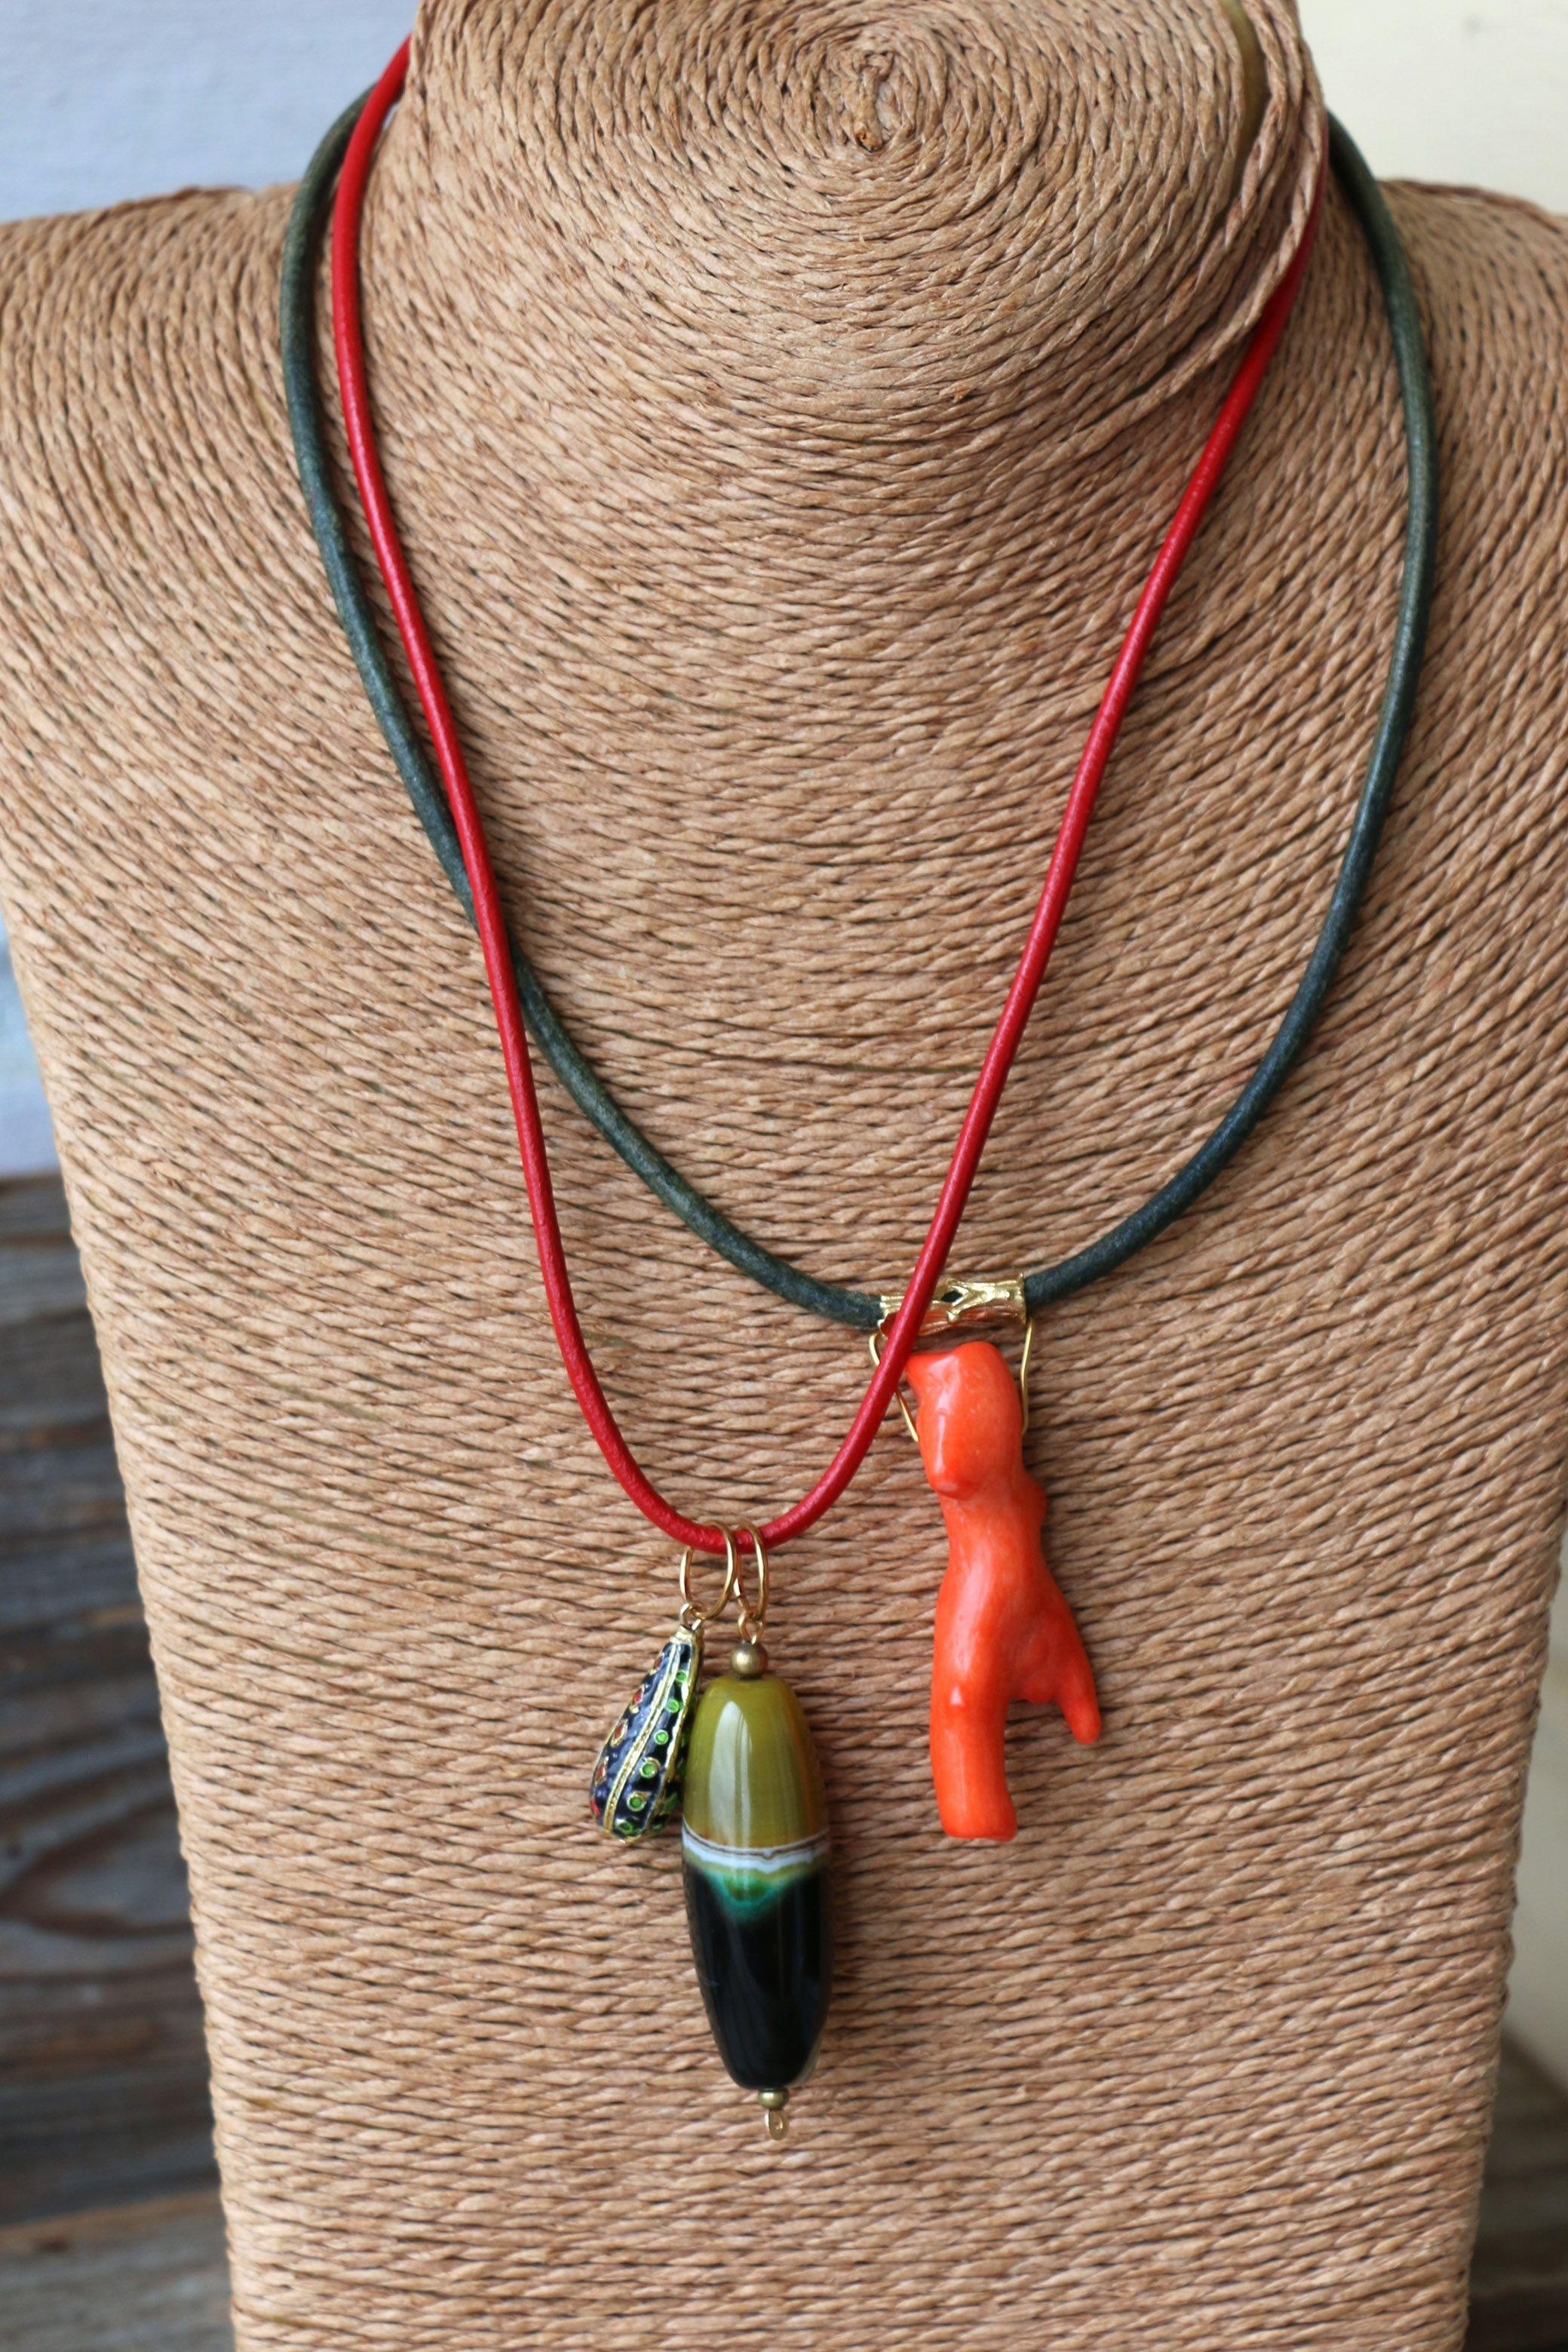 зеленый минимализм алый позолота бохо украшение коралловый кулоны камни черно украшения крупные цвета трансформер контрастные натуральные